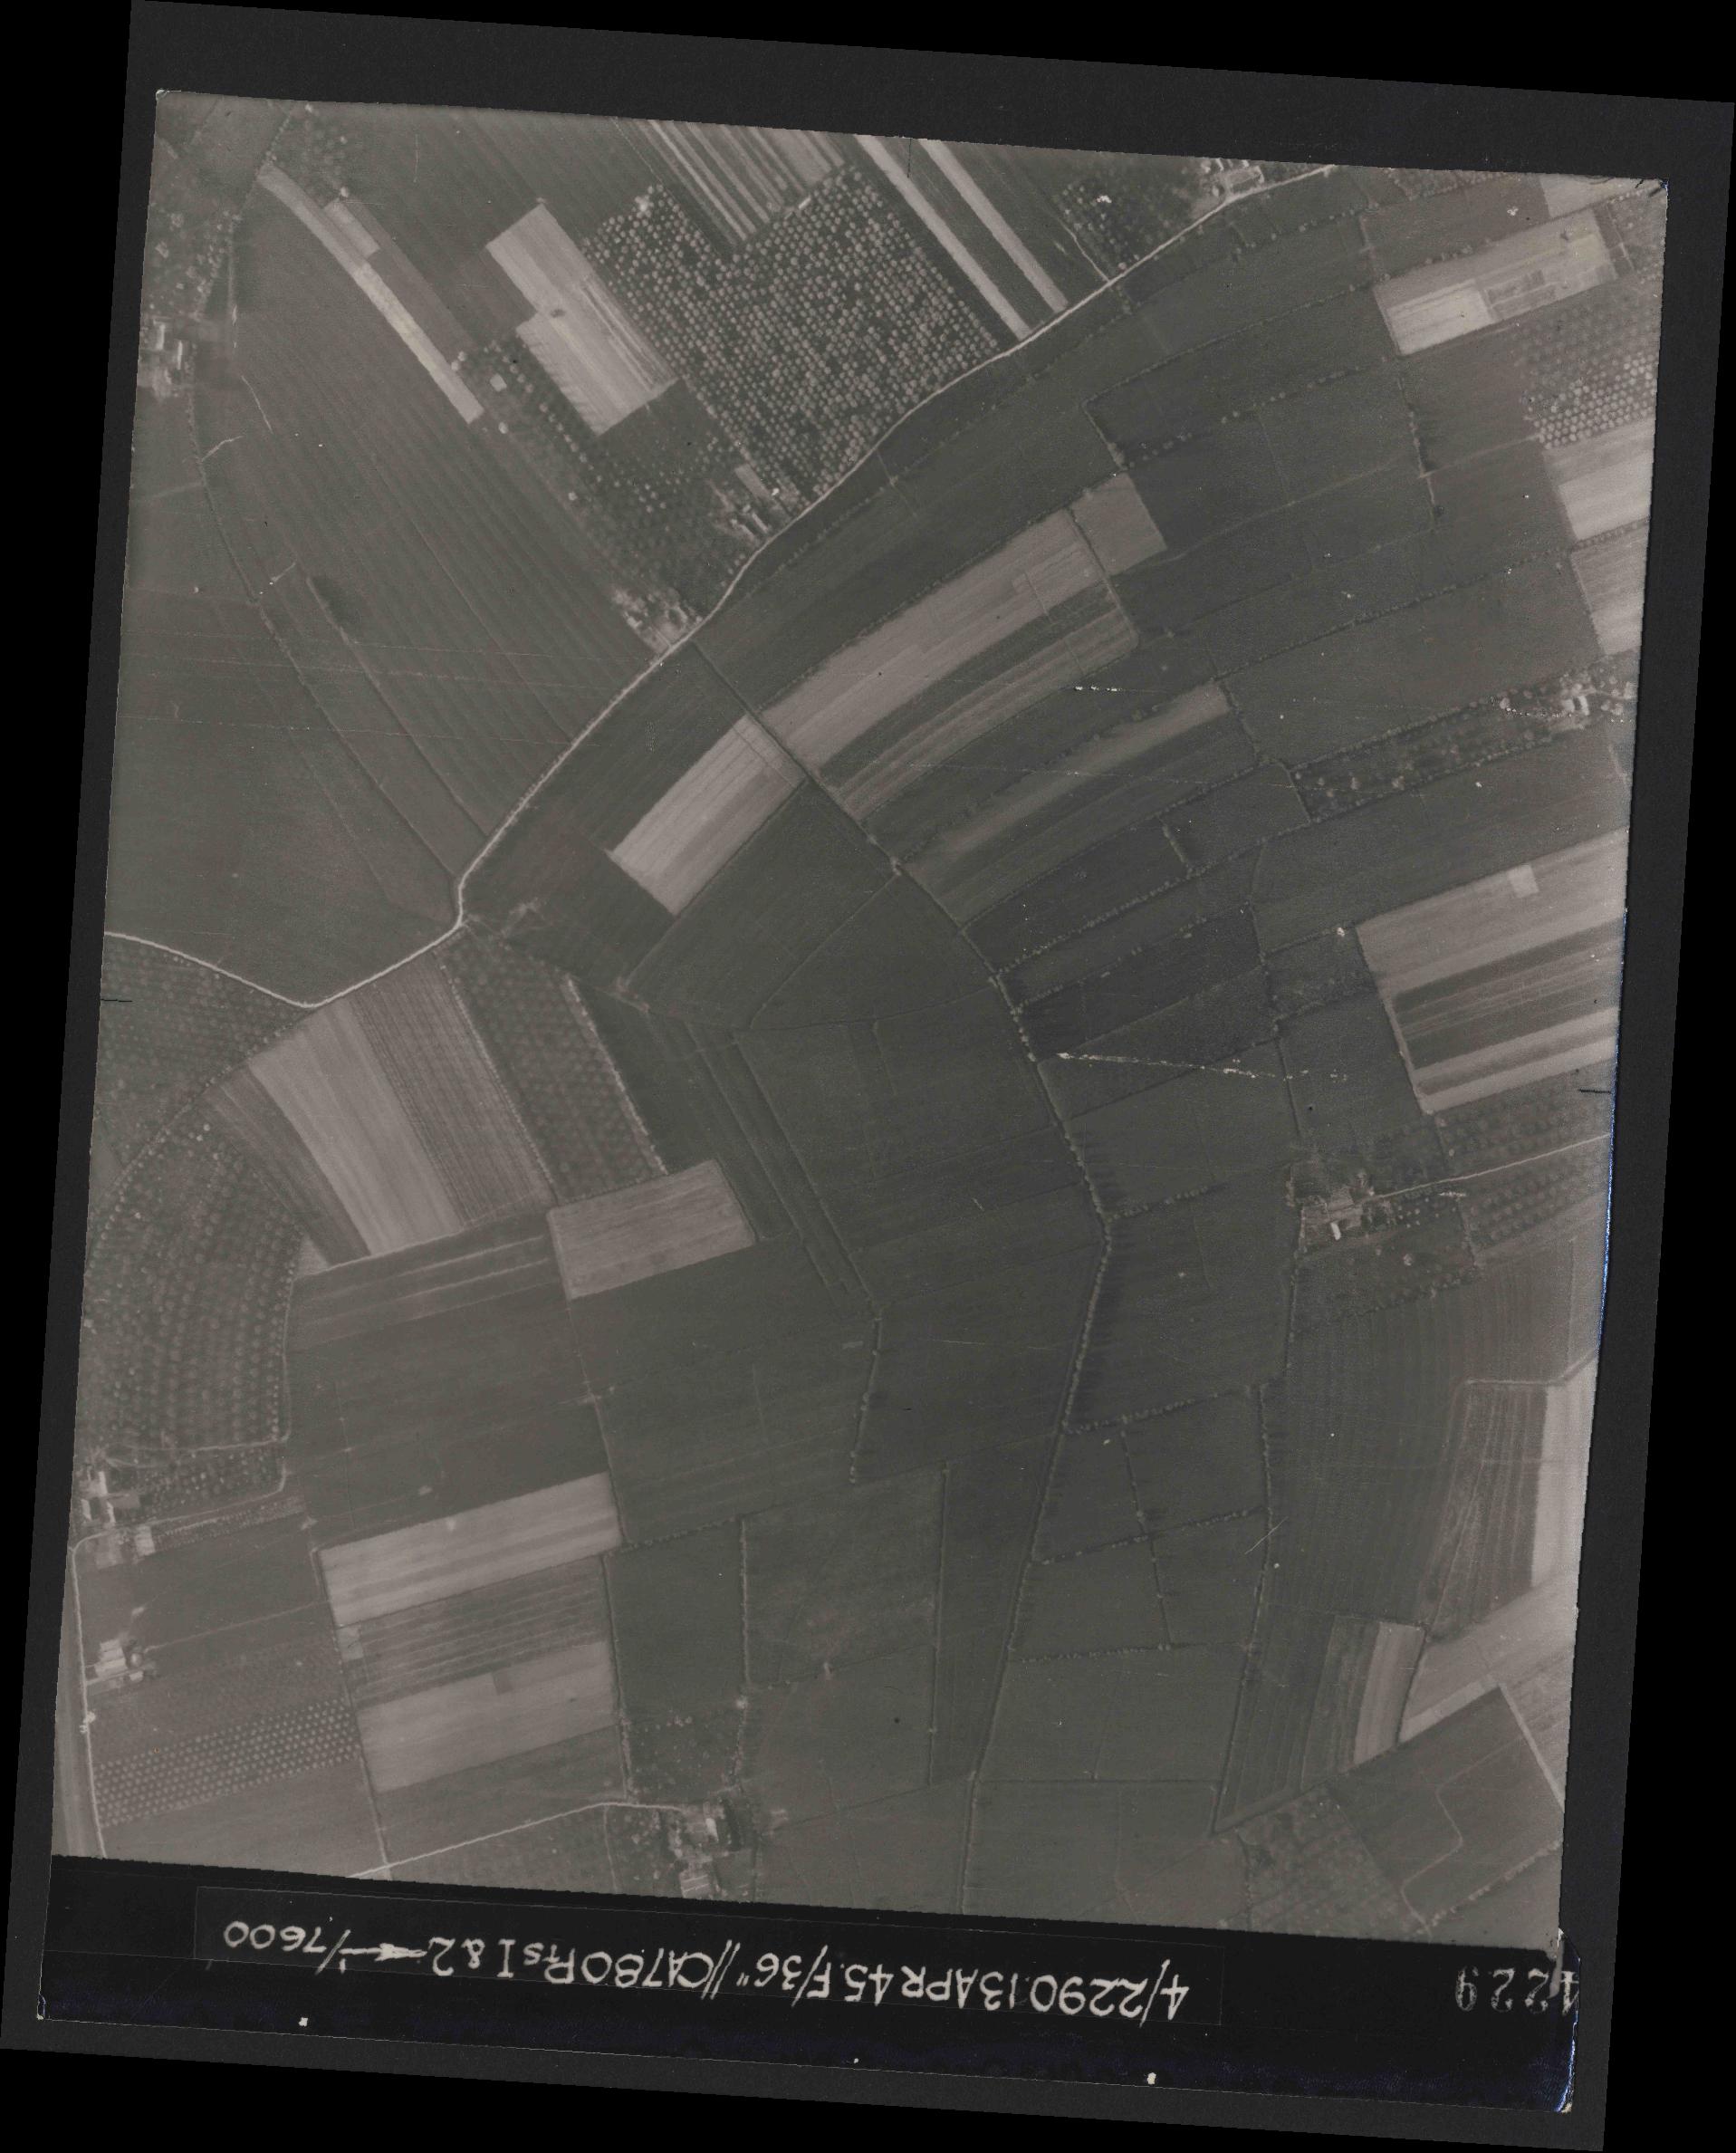 Collection RAF aerial photos 1940-1945 - flight 081, run 19, photo 4229